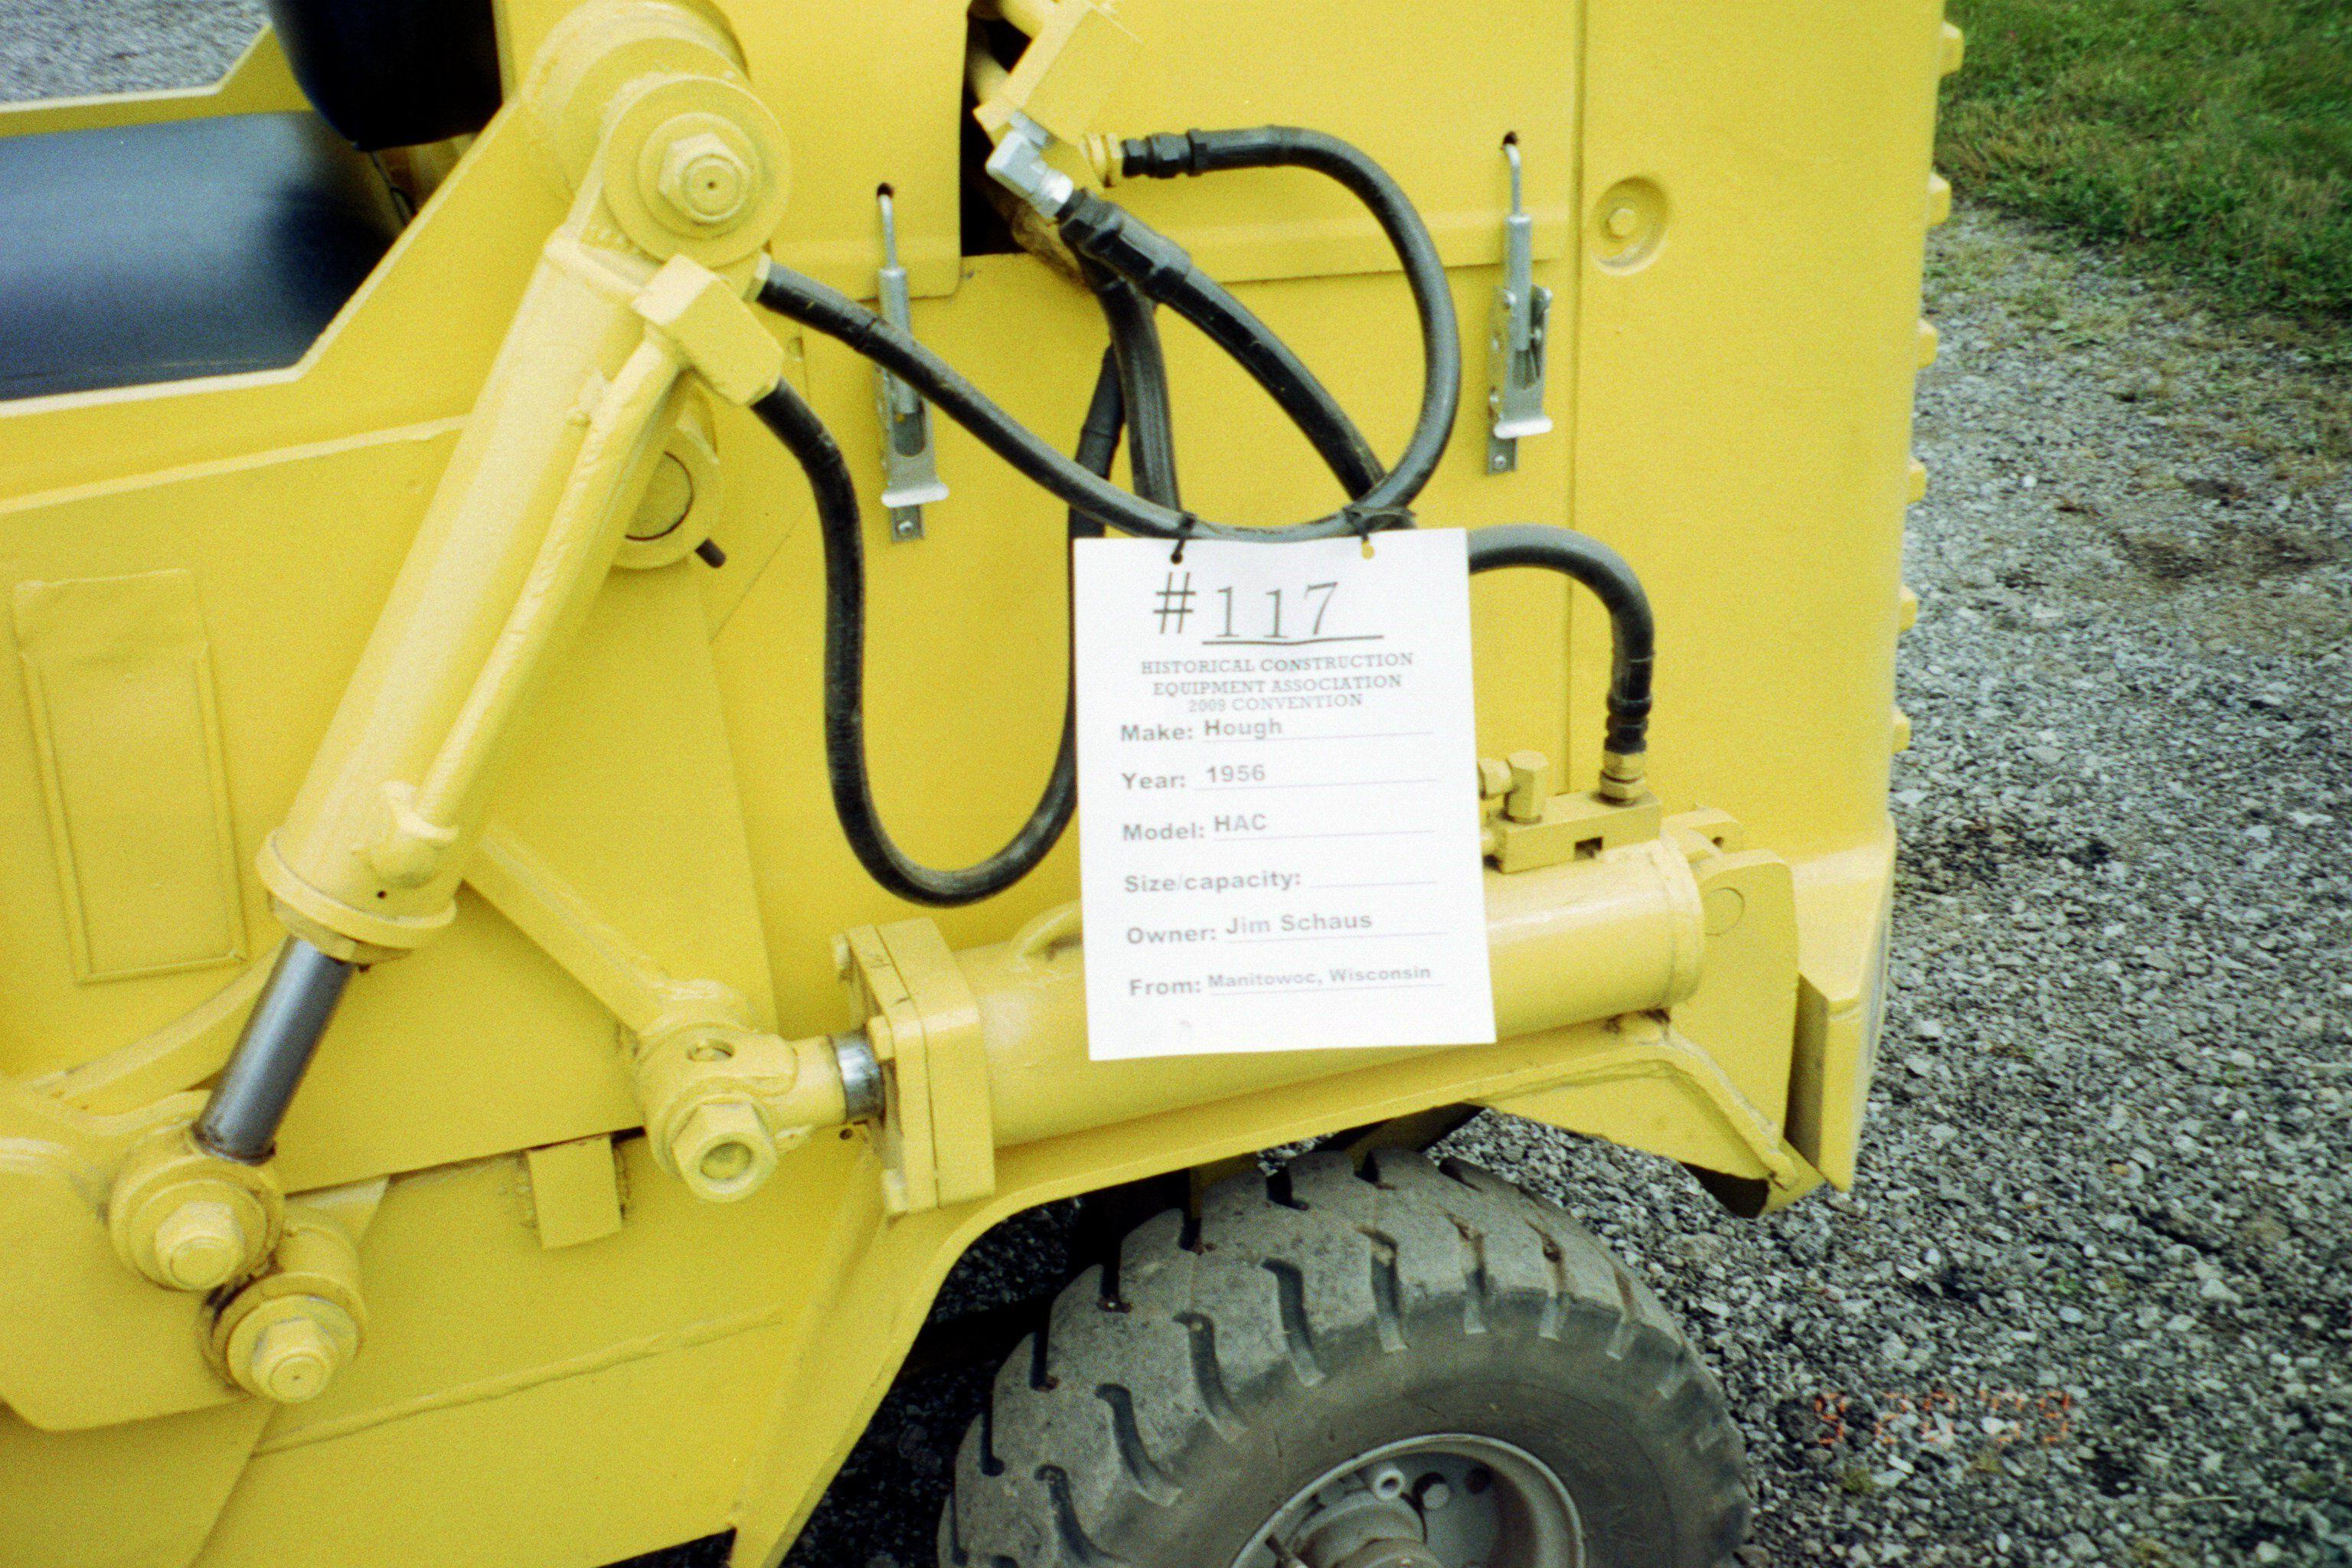 Hough wheel loader sign